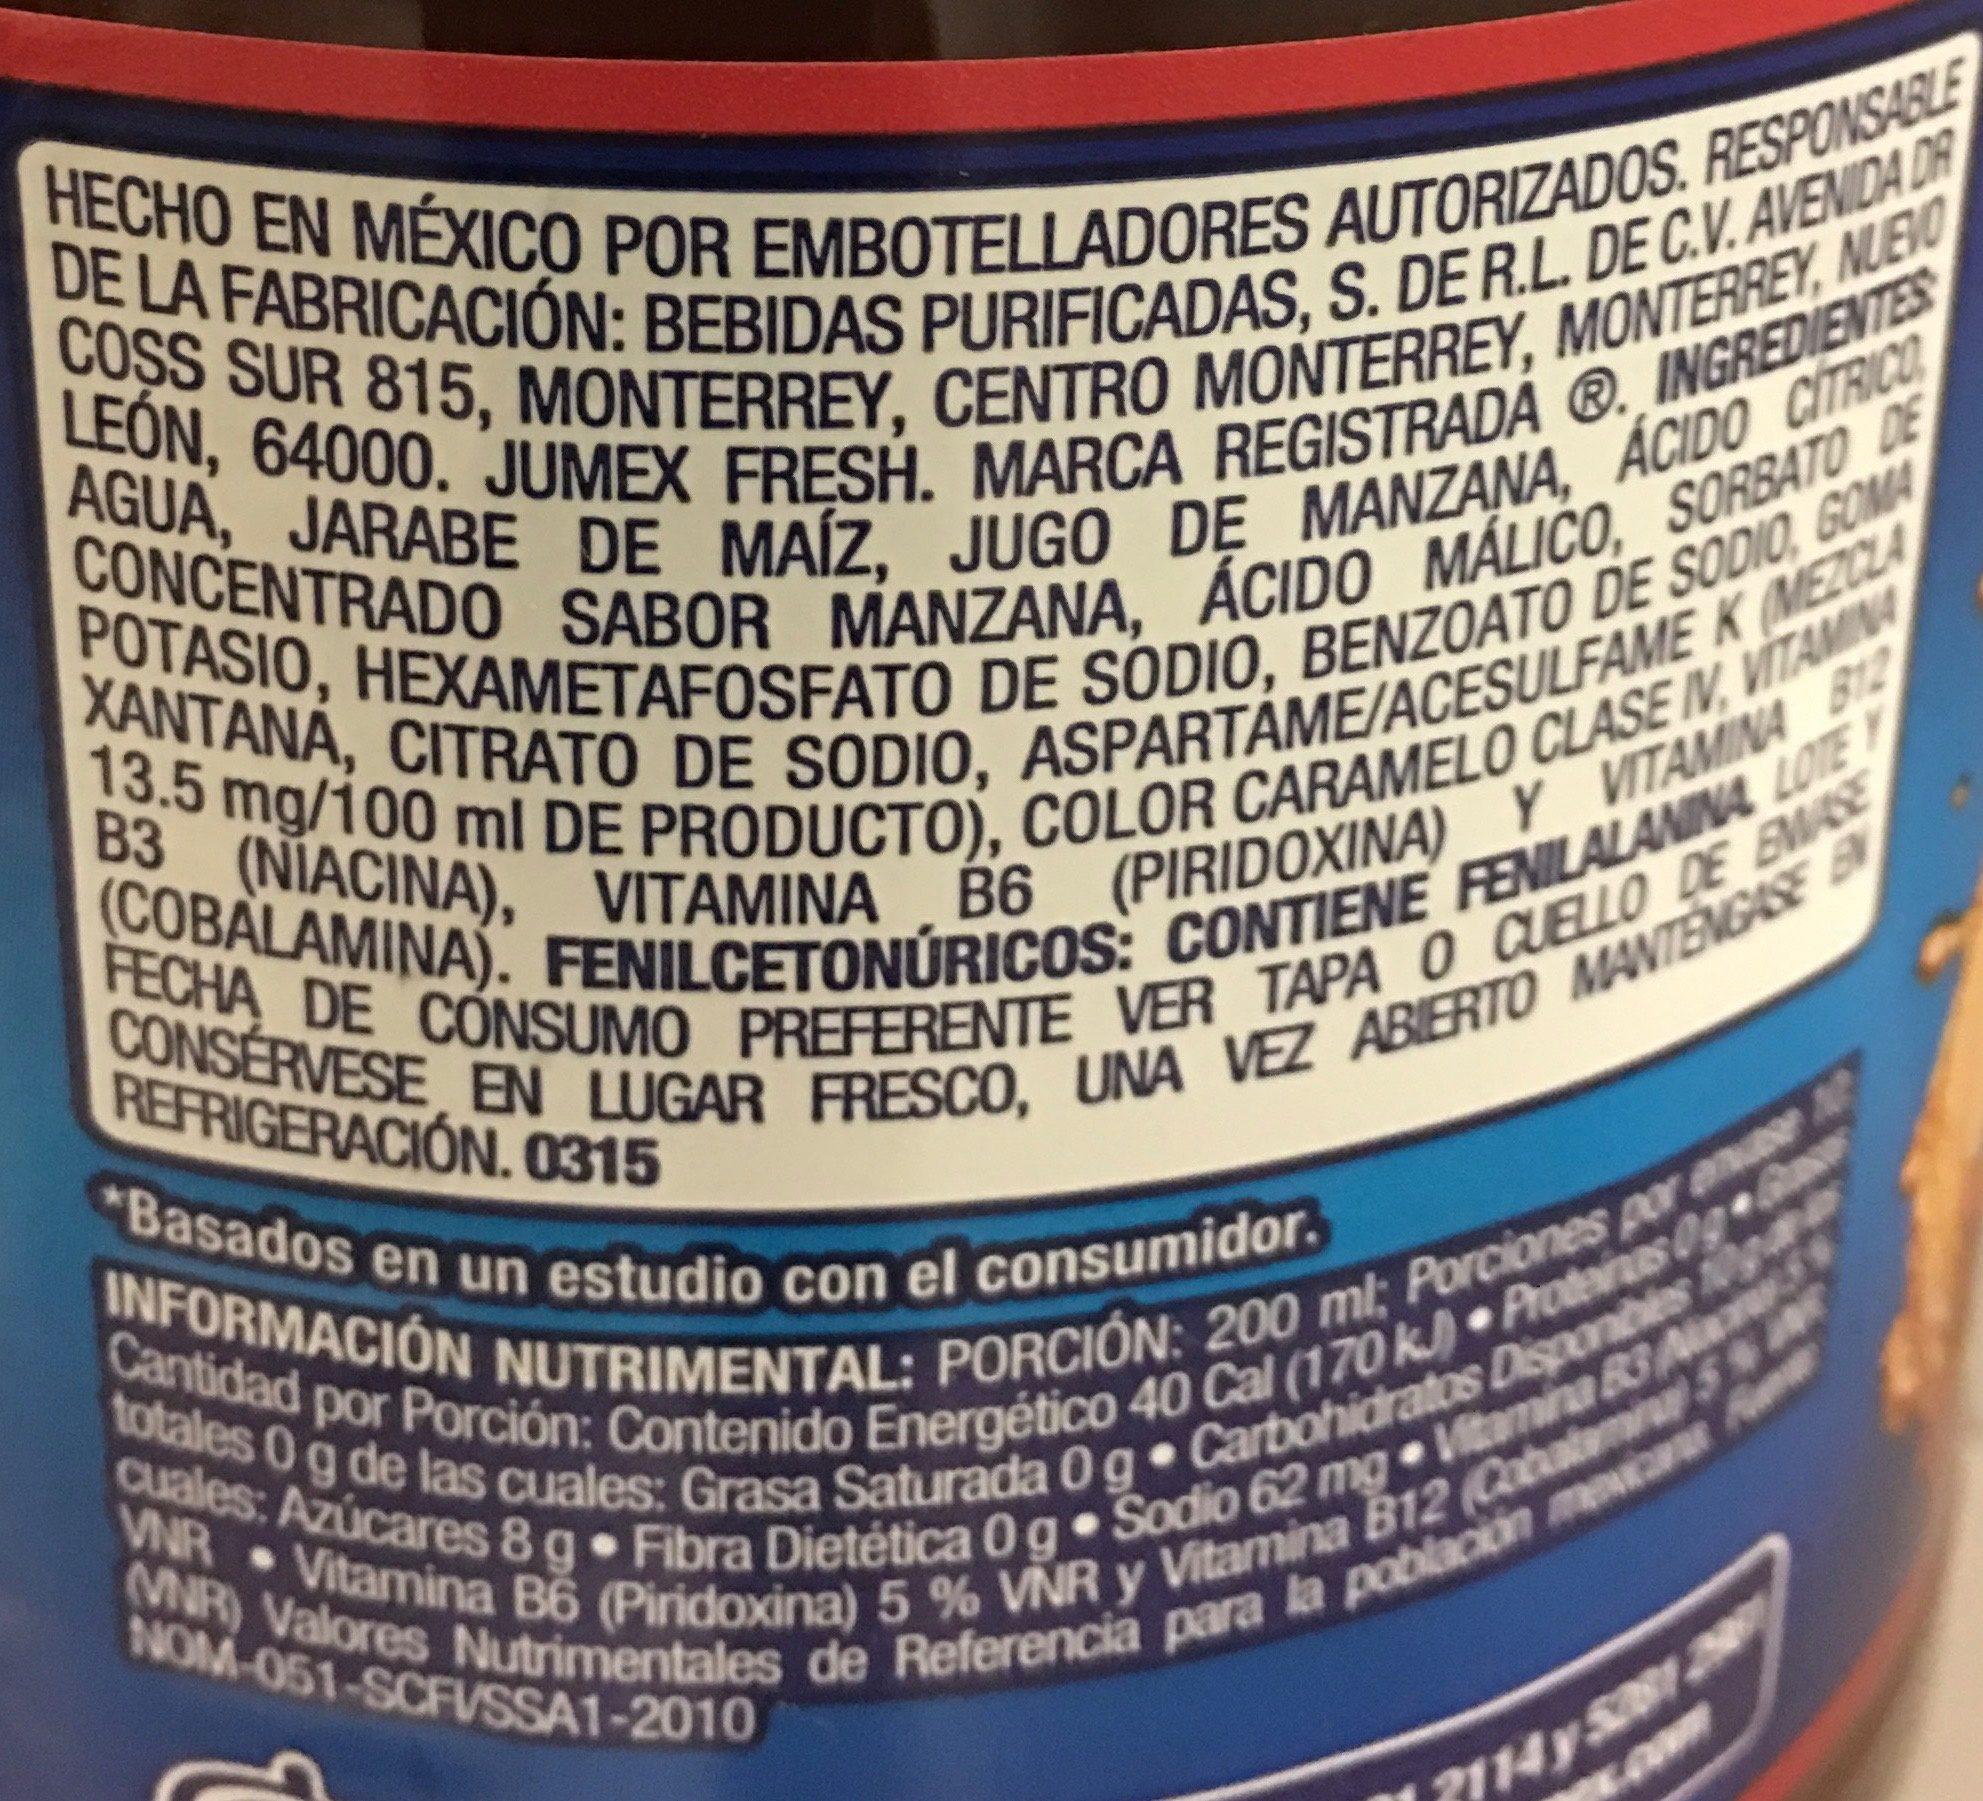 Jumex Fresh Manzana - Ingrédients